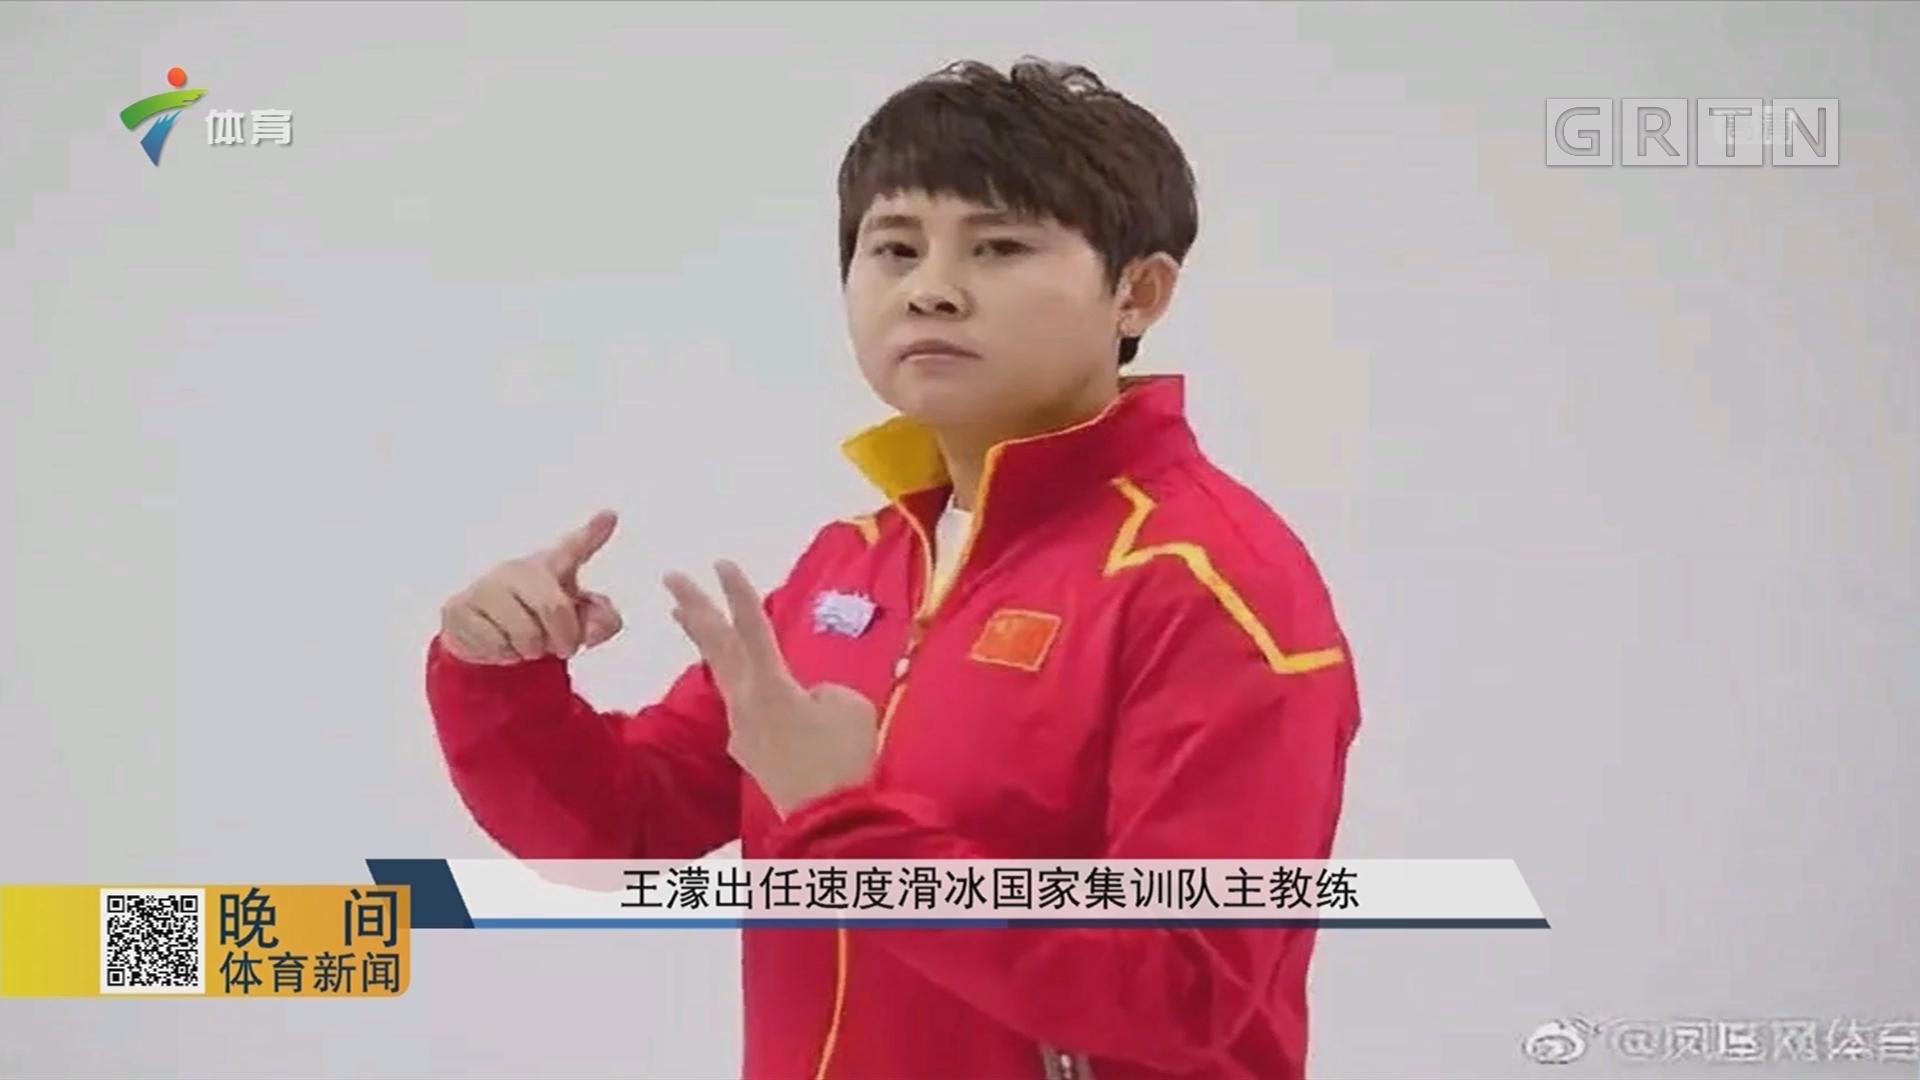 王濛出任速度滑冰国家集训队主教练